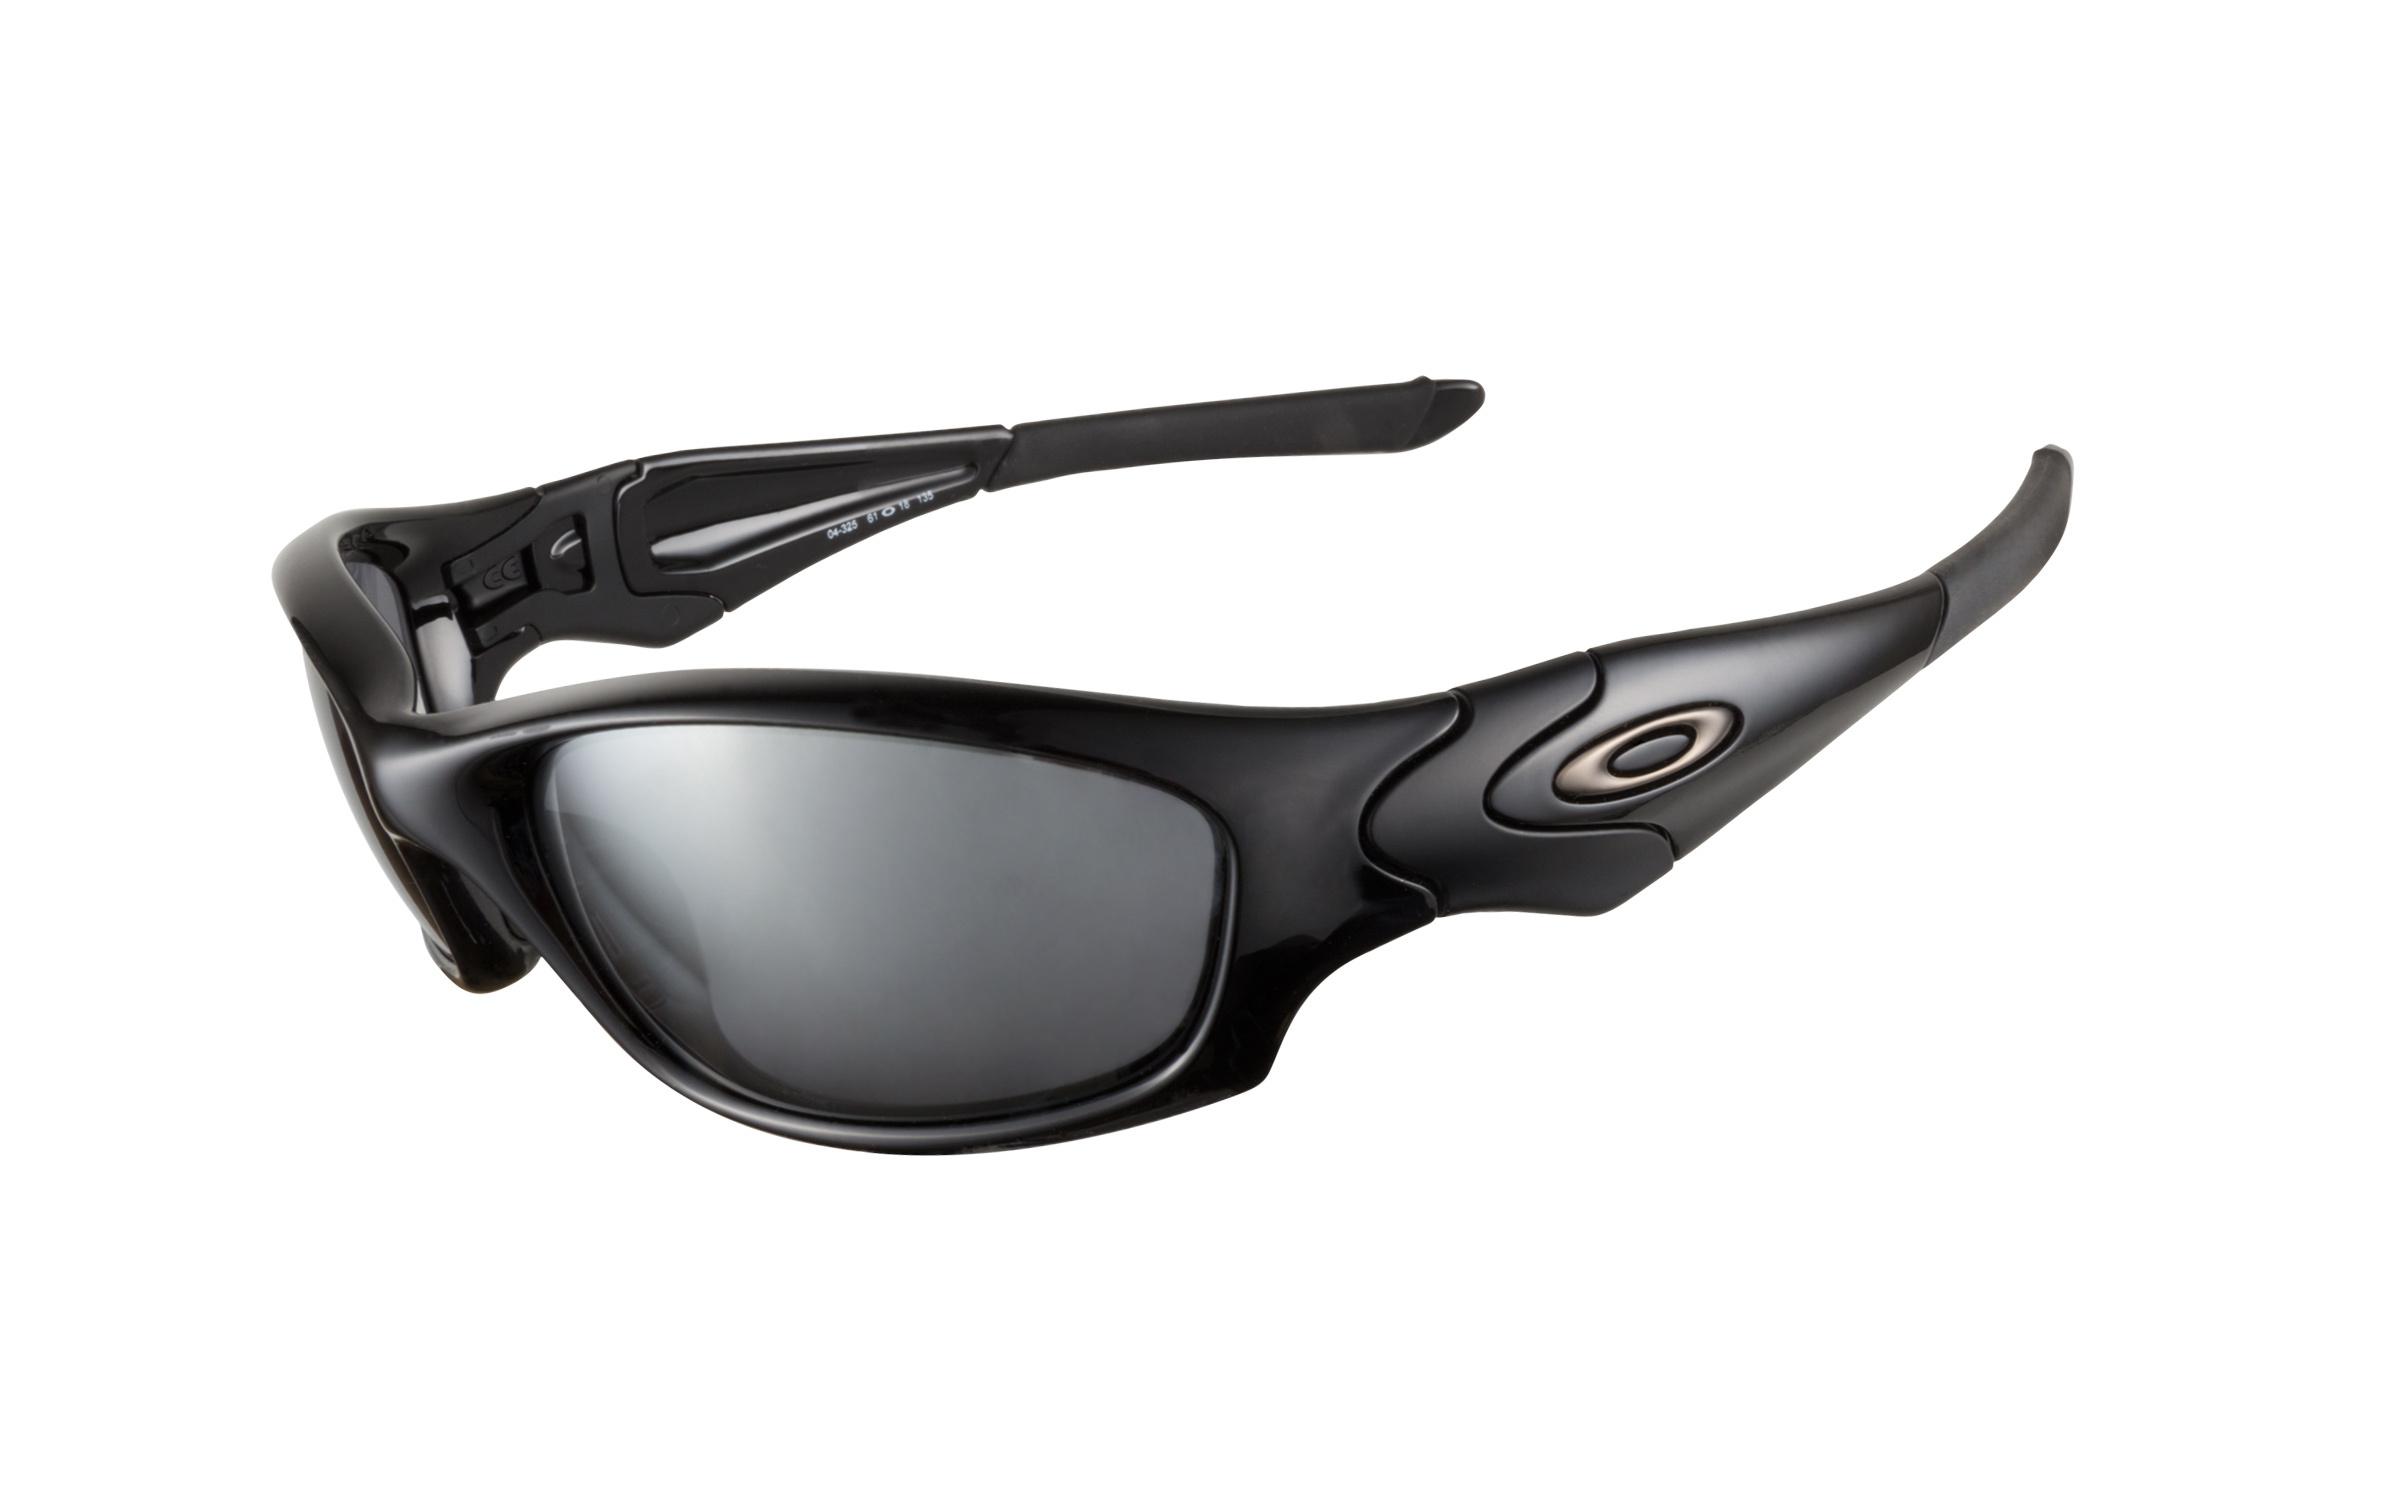 oakley jacket sunglasses vvqv  replacement parts for oakley straight jacket sunglasses